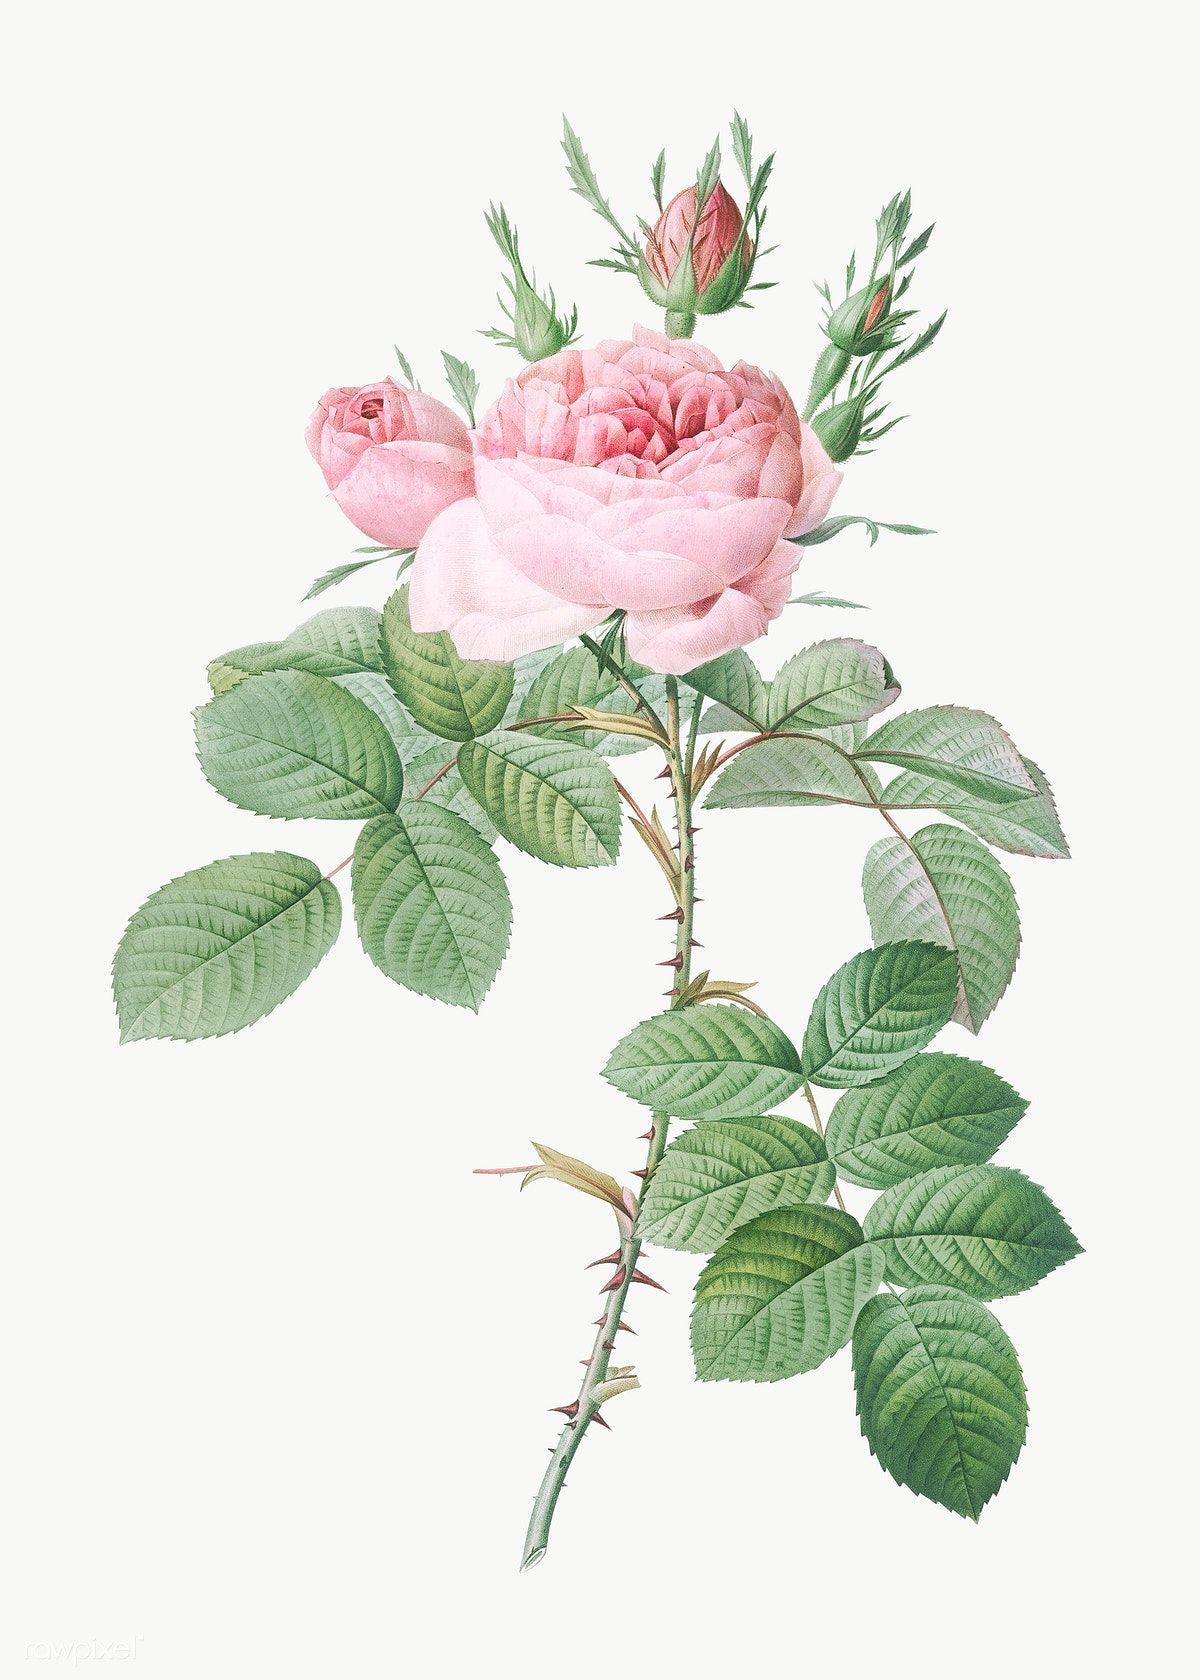 Download Premium Png Of Vintage Rose Of Perfume Transparent Png 574495 Botanical Illustration Vintage Vintage Roses Botanical Art